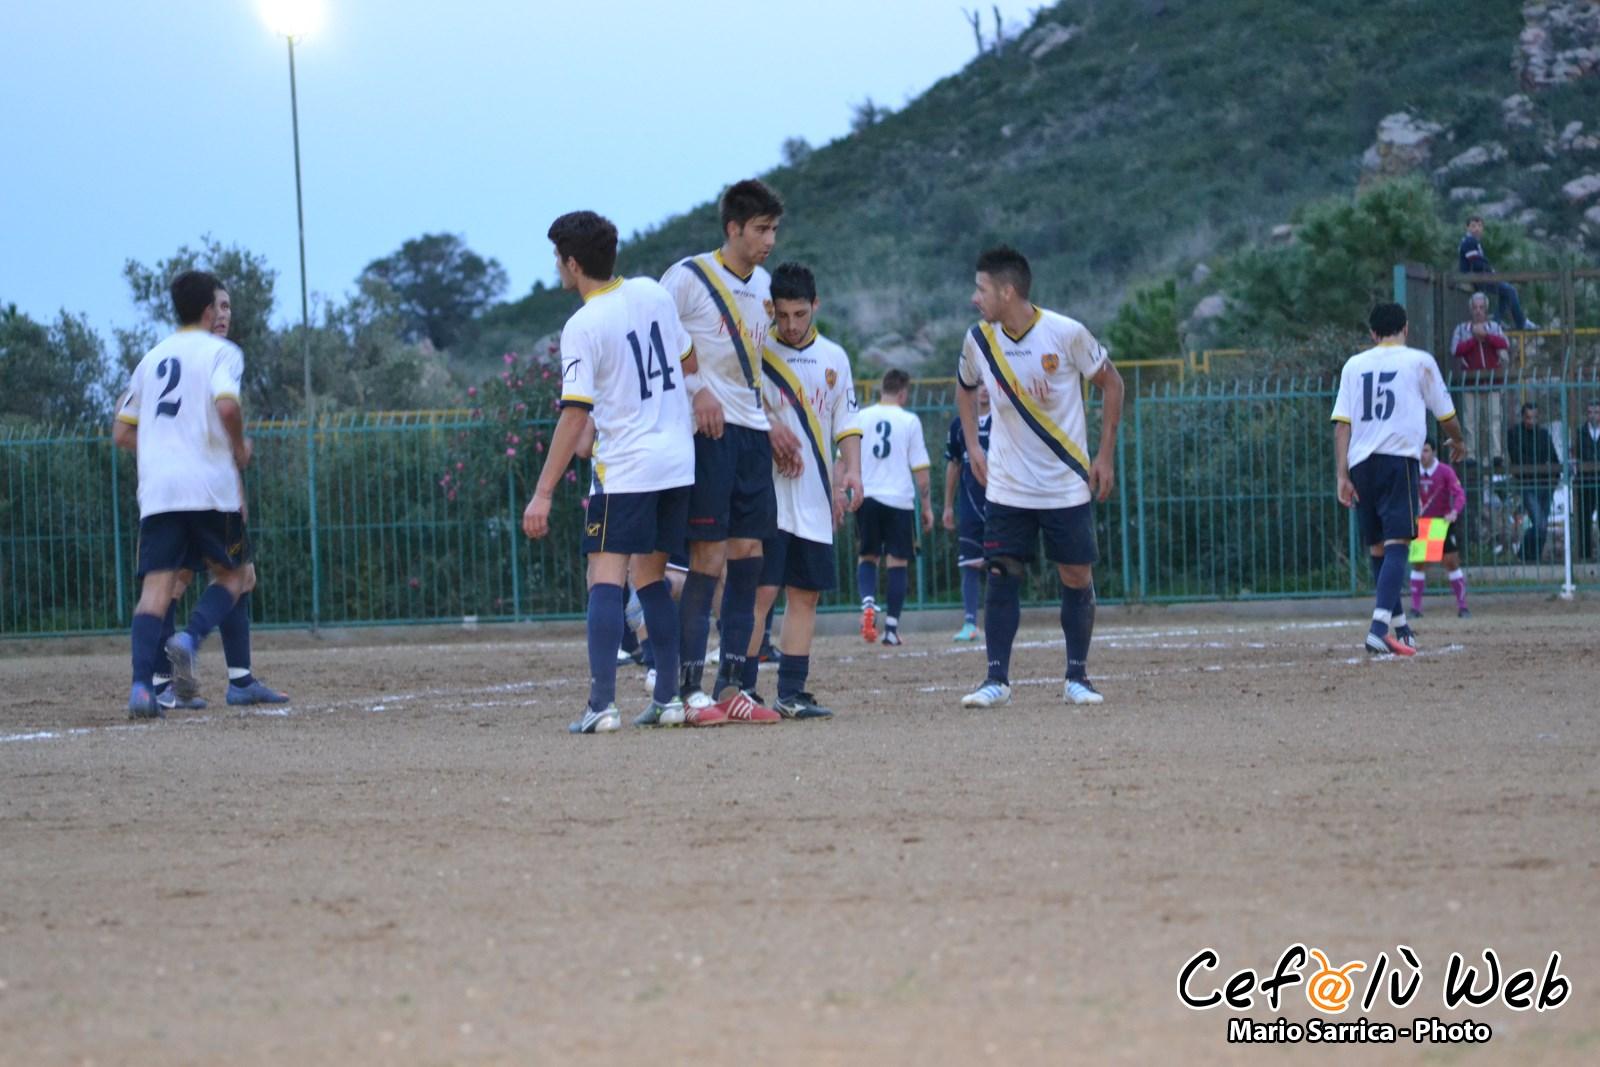 Grande prova del Cefalù, vittoria a porte chiuse nel derby col Real Calcio [Foto]